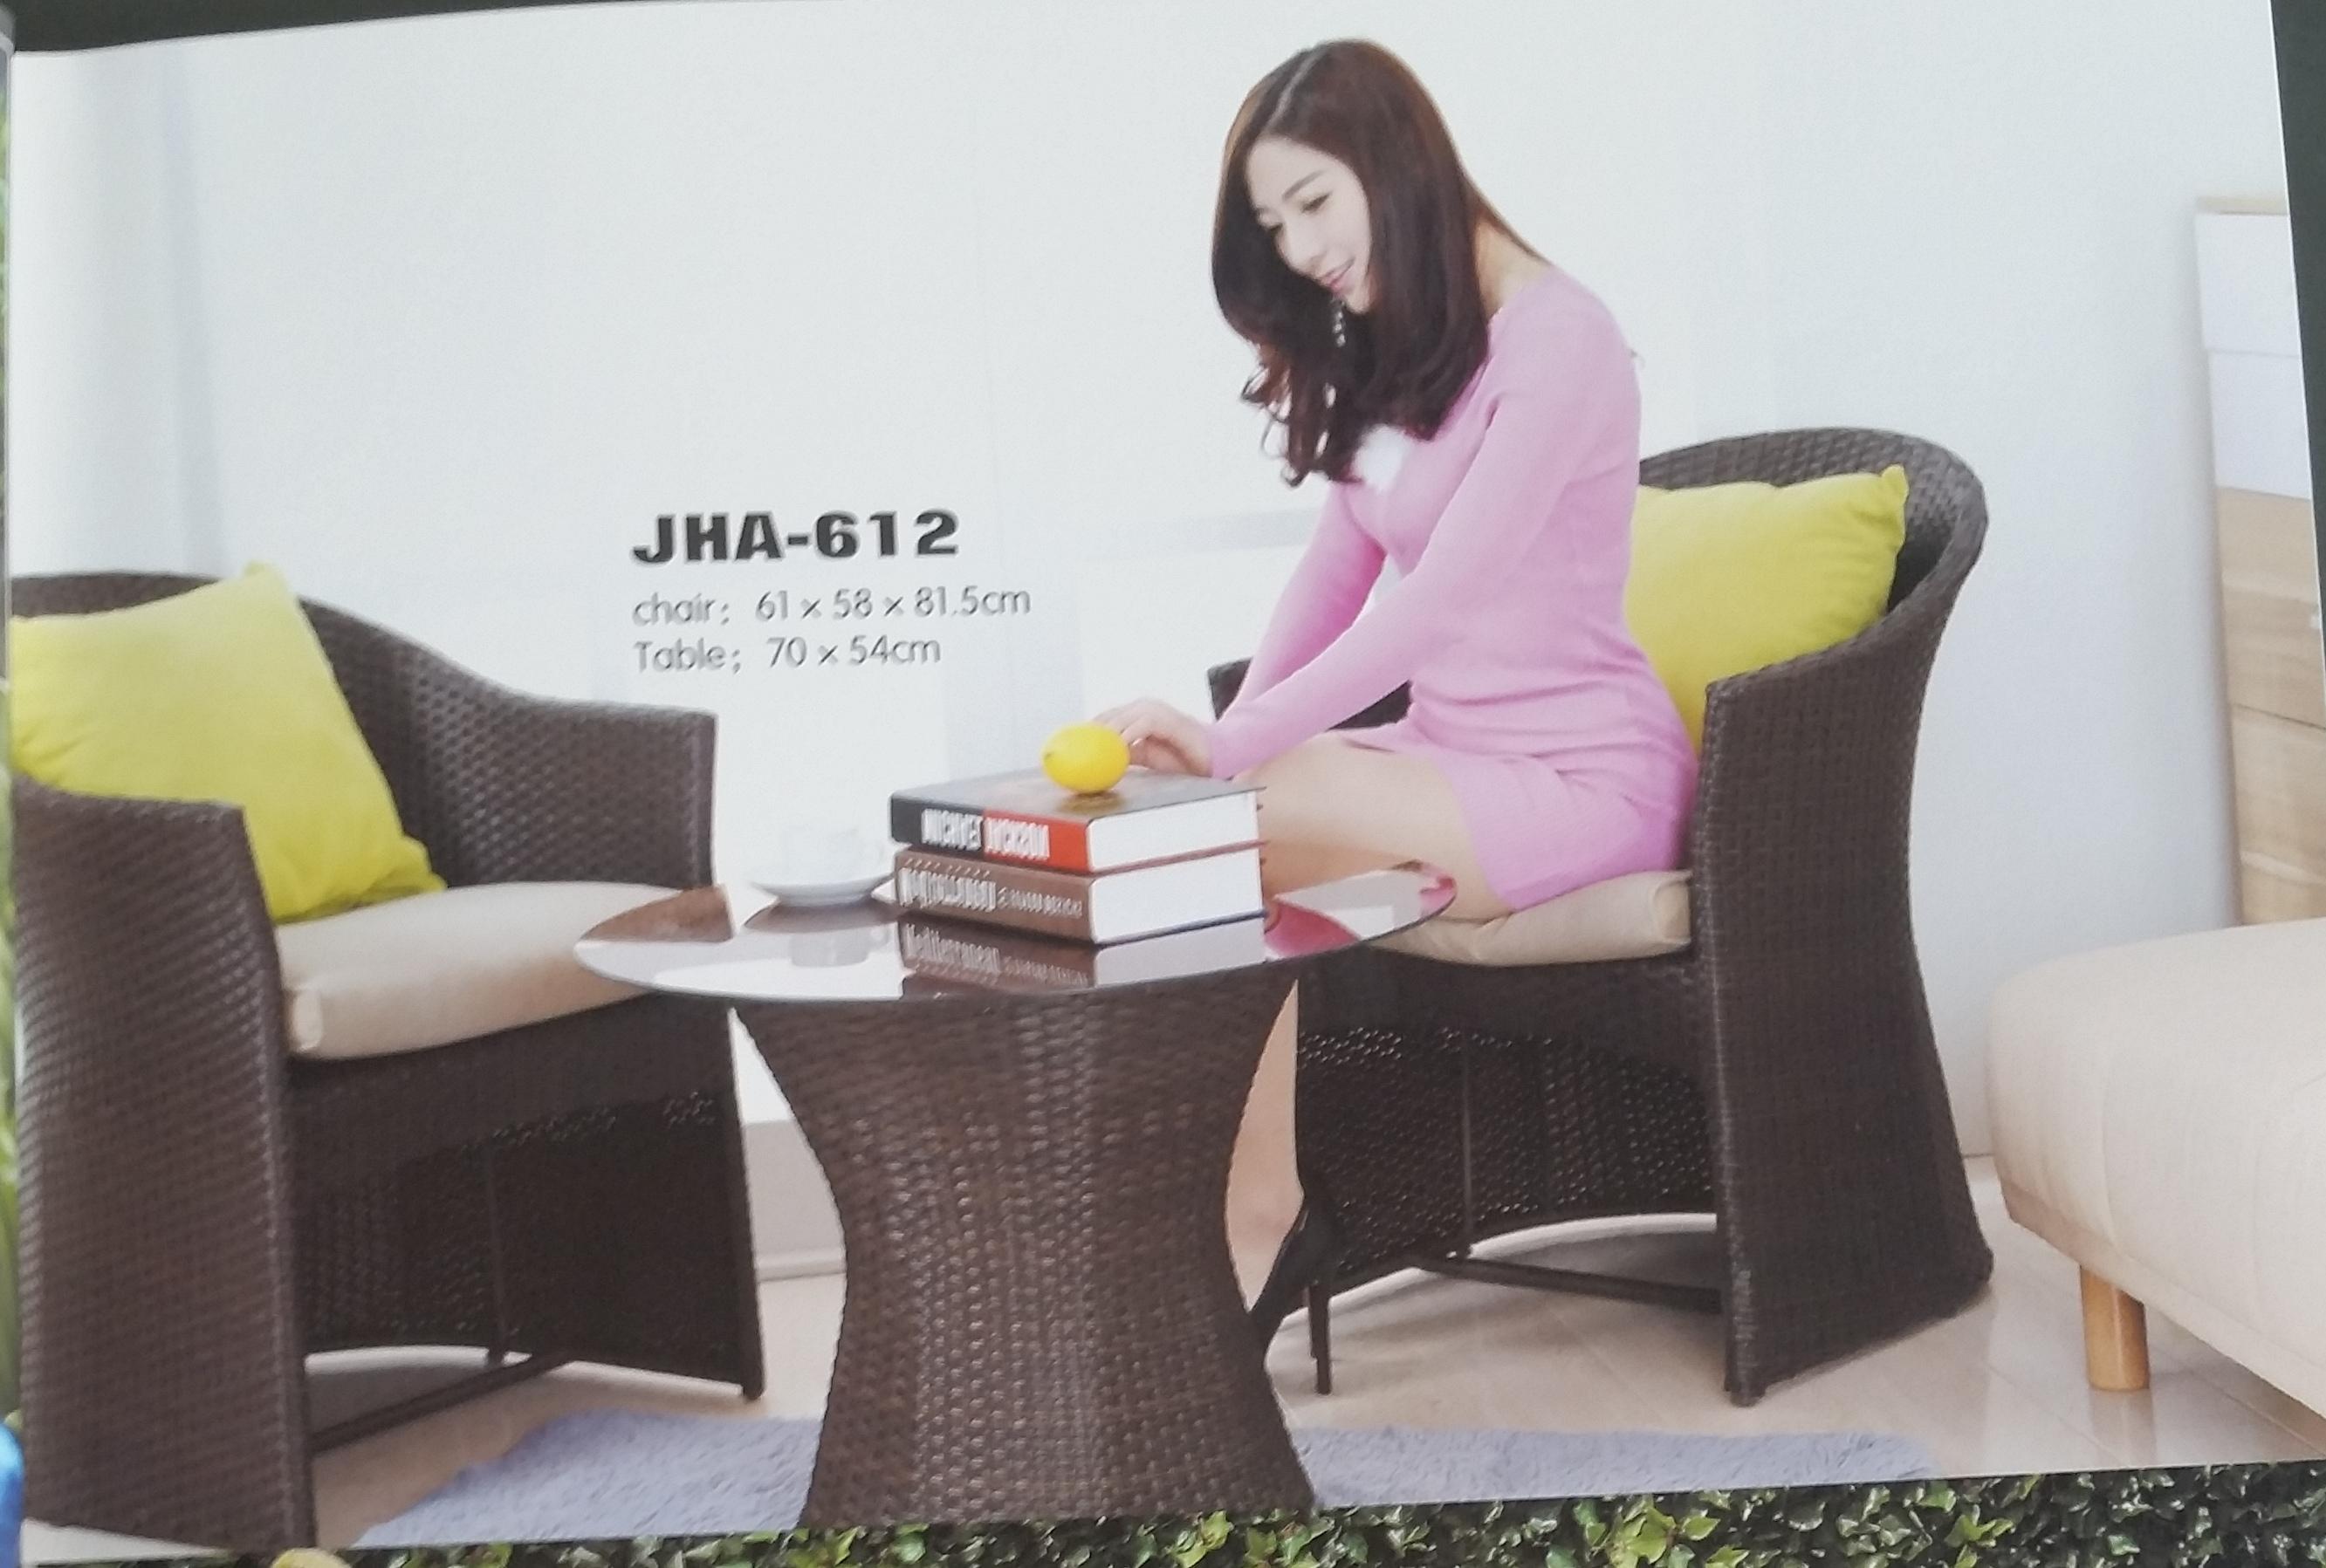 JHA-612